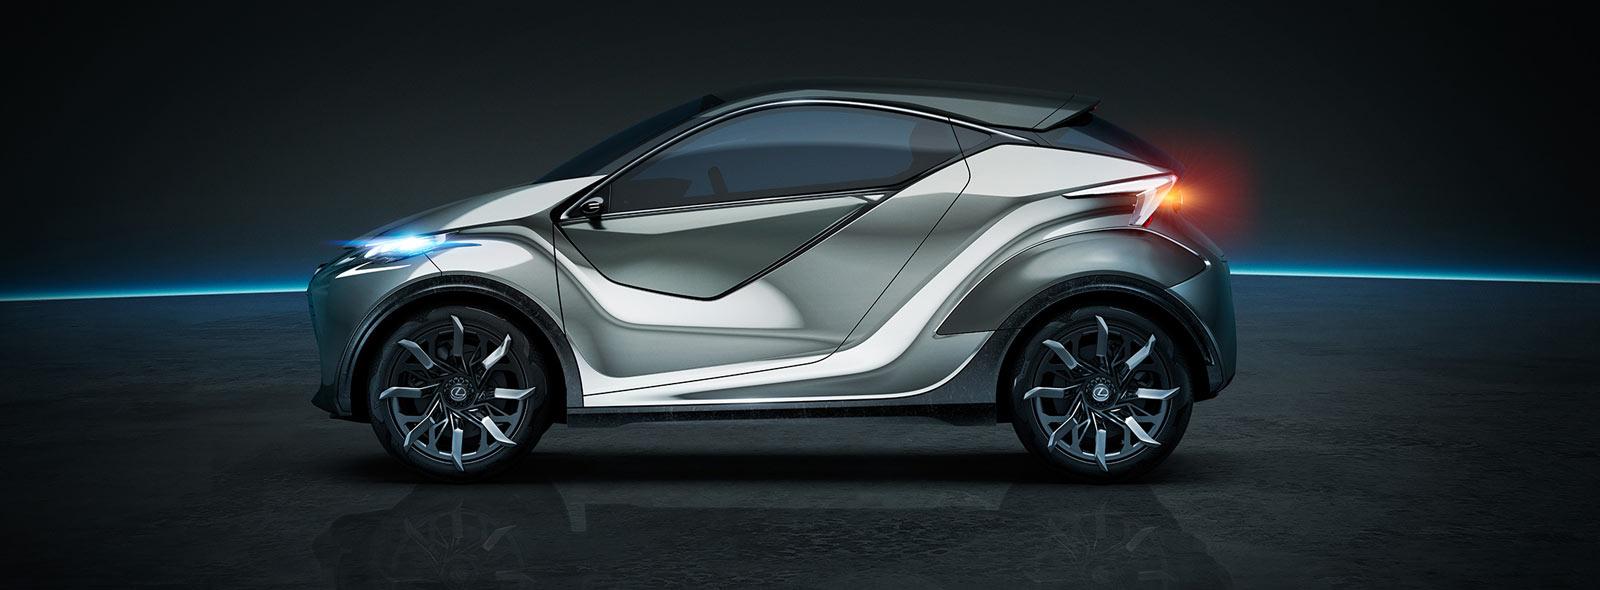 Nuevo vehículo de concepto urbano